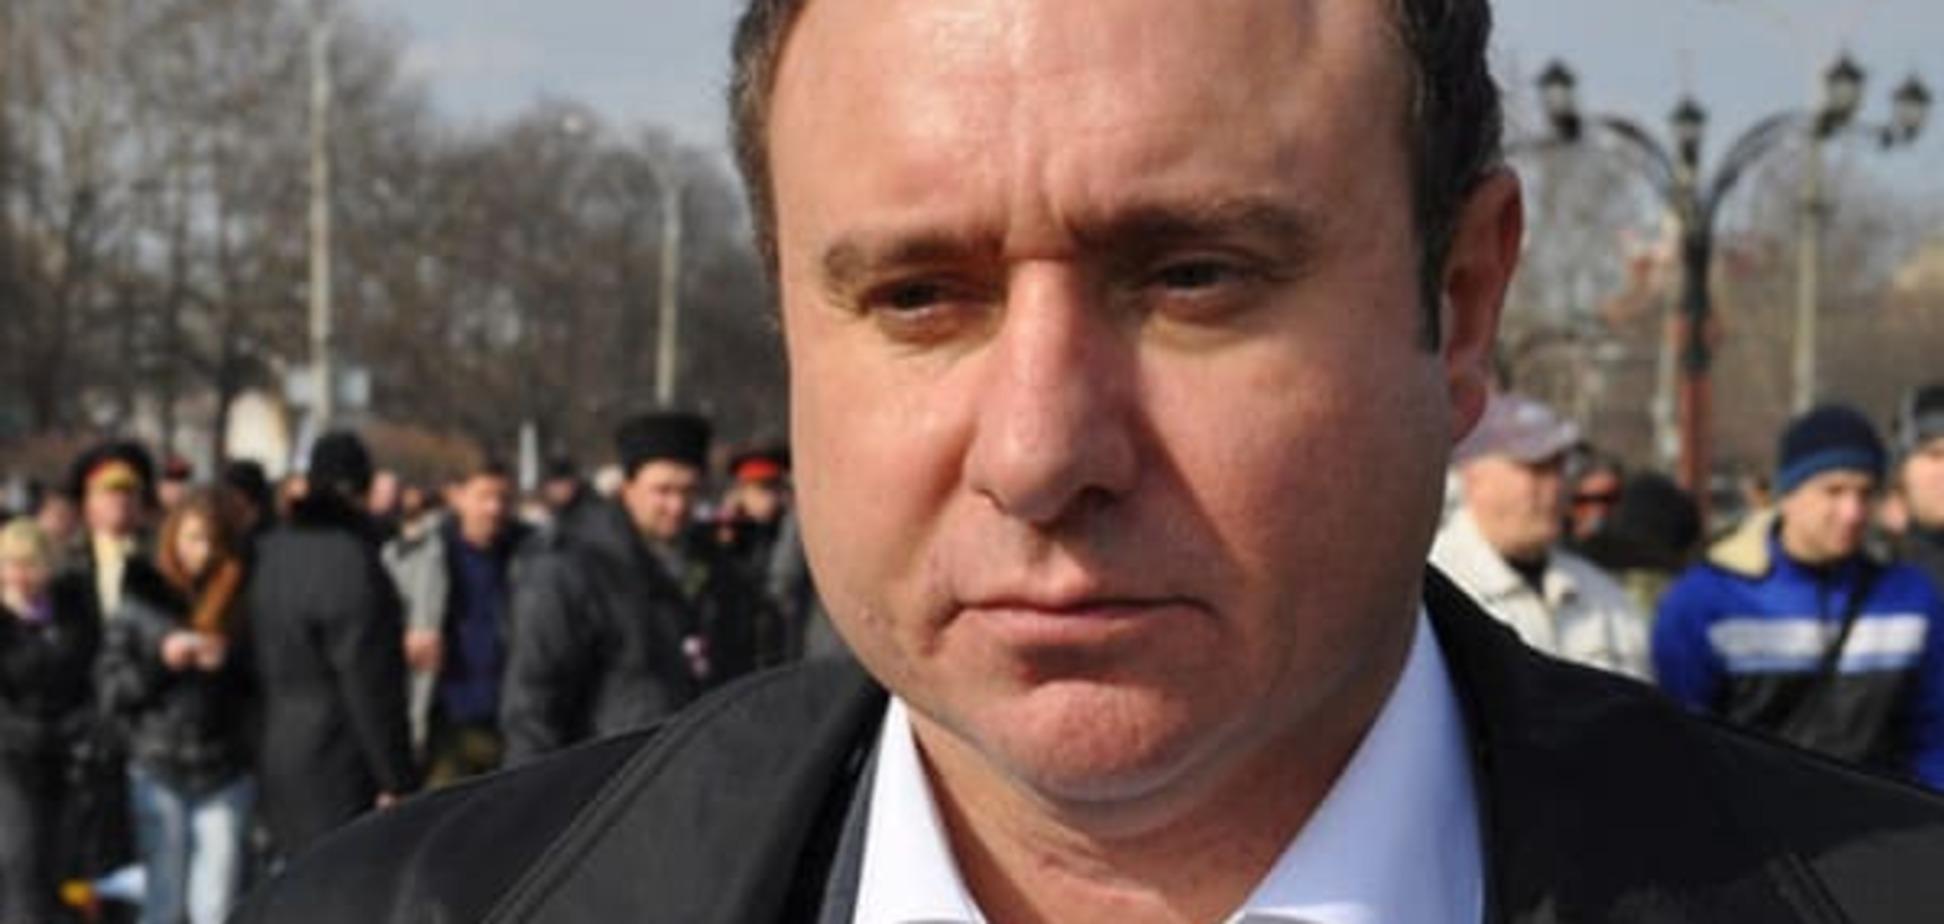 У Севастополі за хабар затримали голову 'Російського блоку'